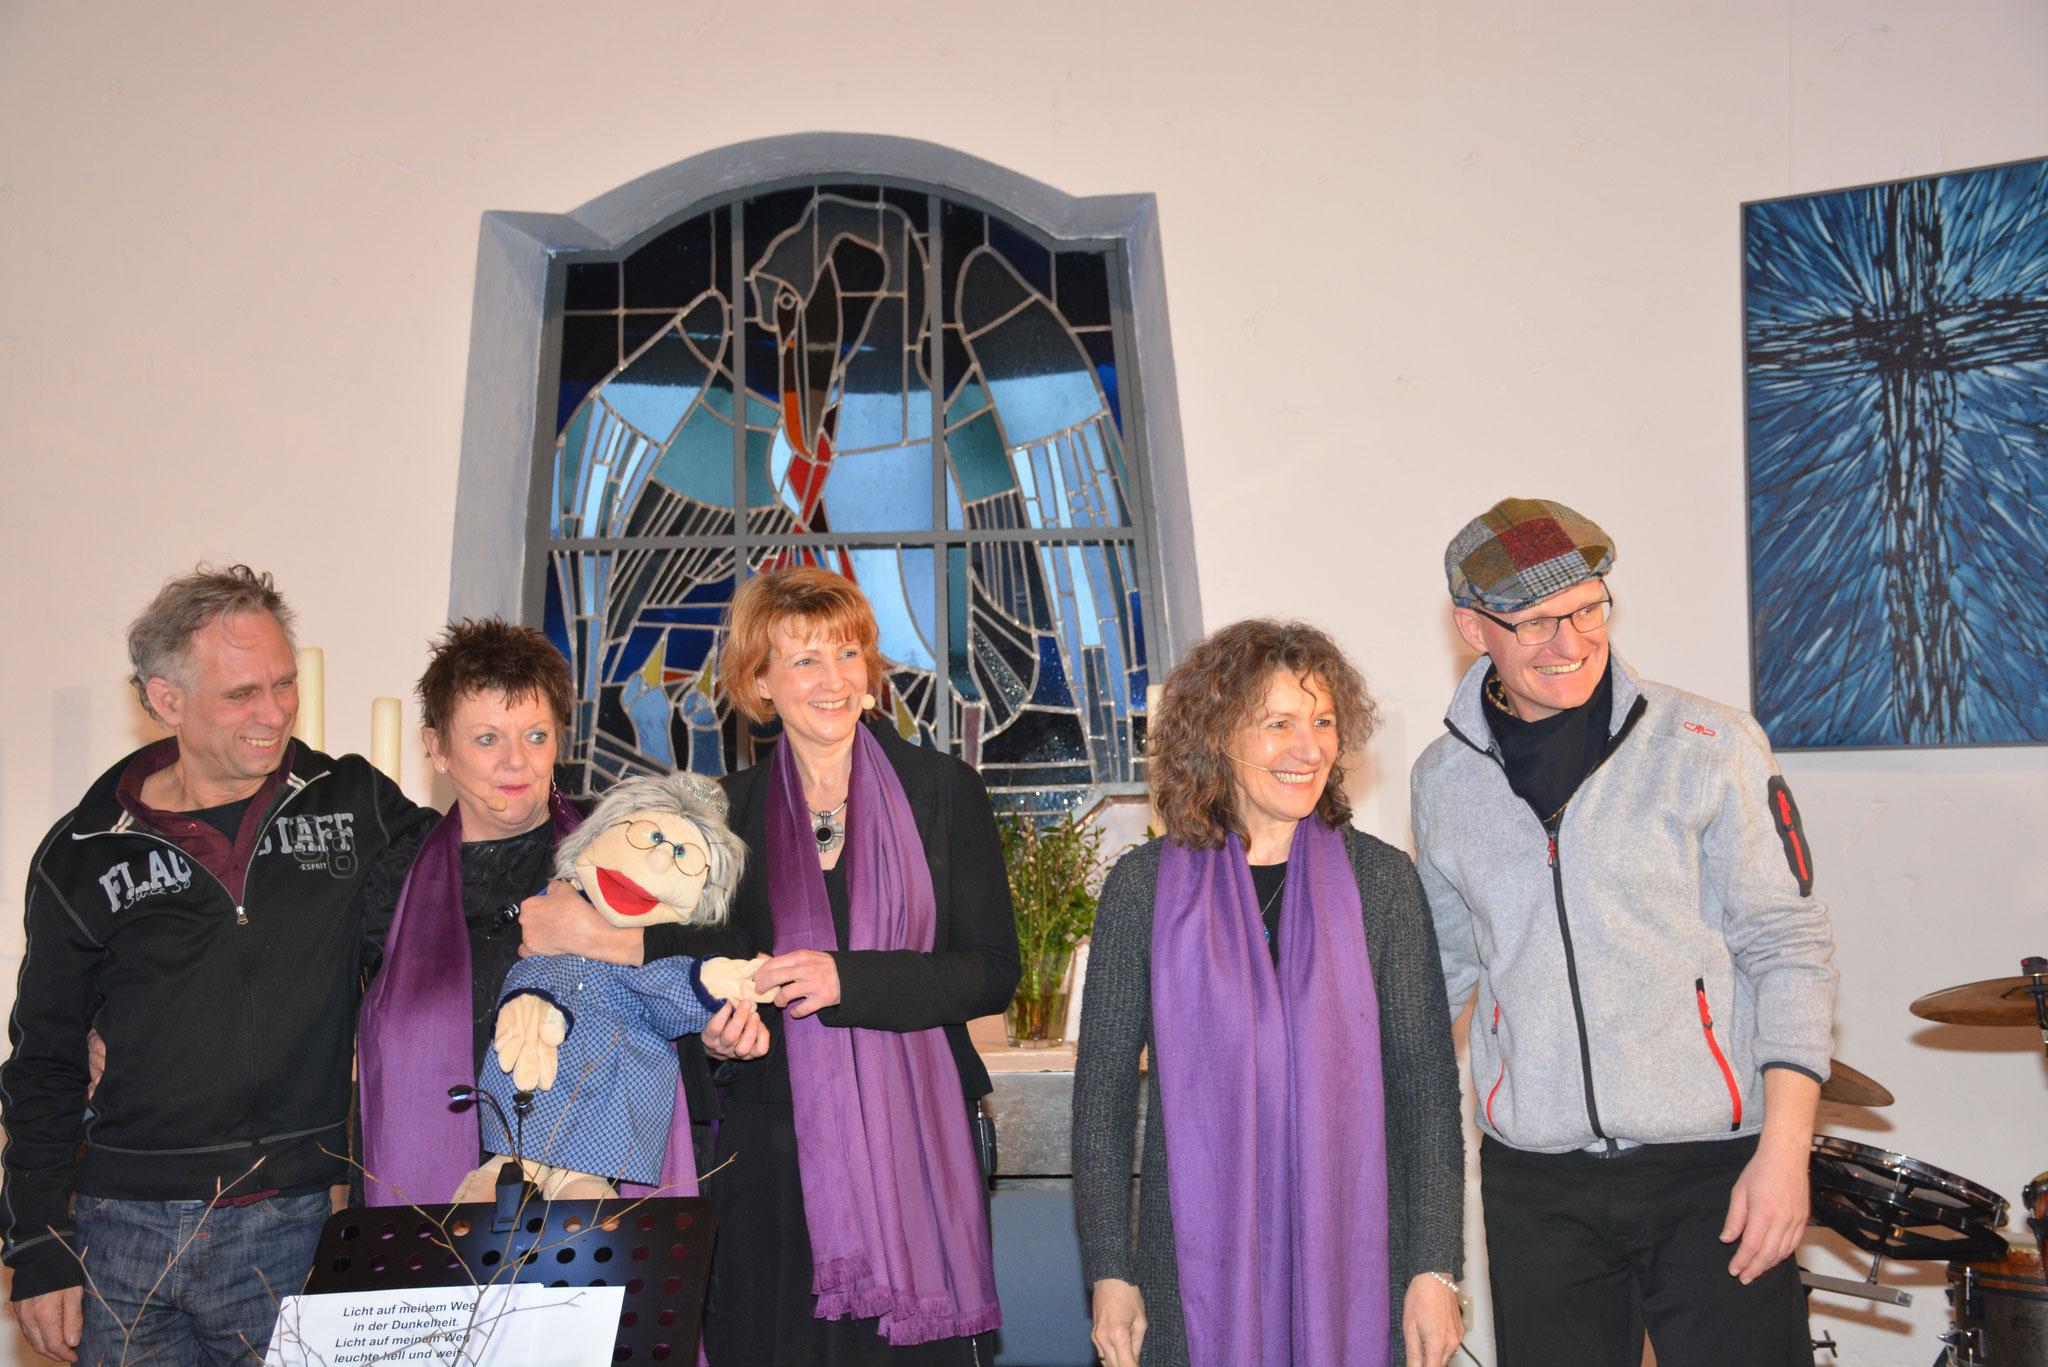 25.03.2018 Konzert für große und kleine Abschiede, Ev. Kirche Rieden mit Susanne Goebel, Karin Simon, Michael Wimmer (dr), Jockel Peter Streb (p)